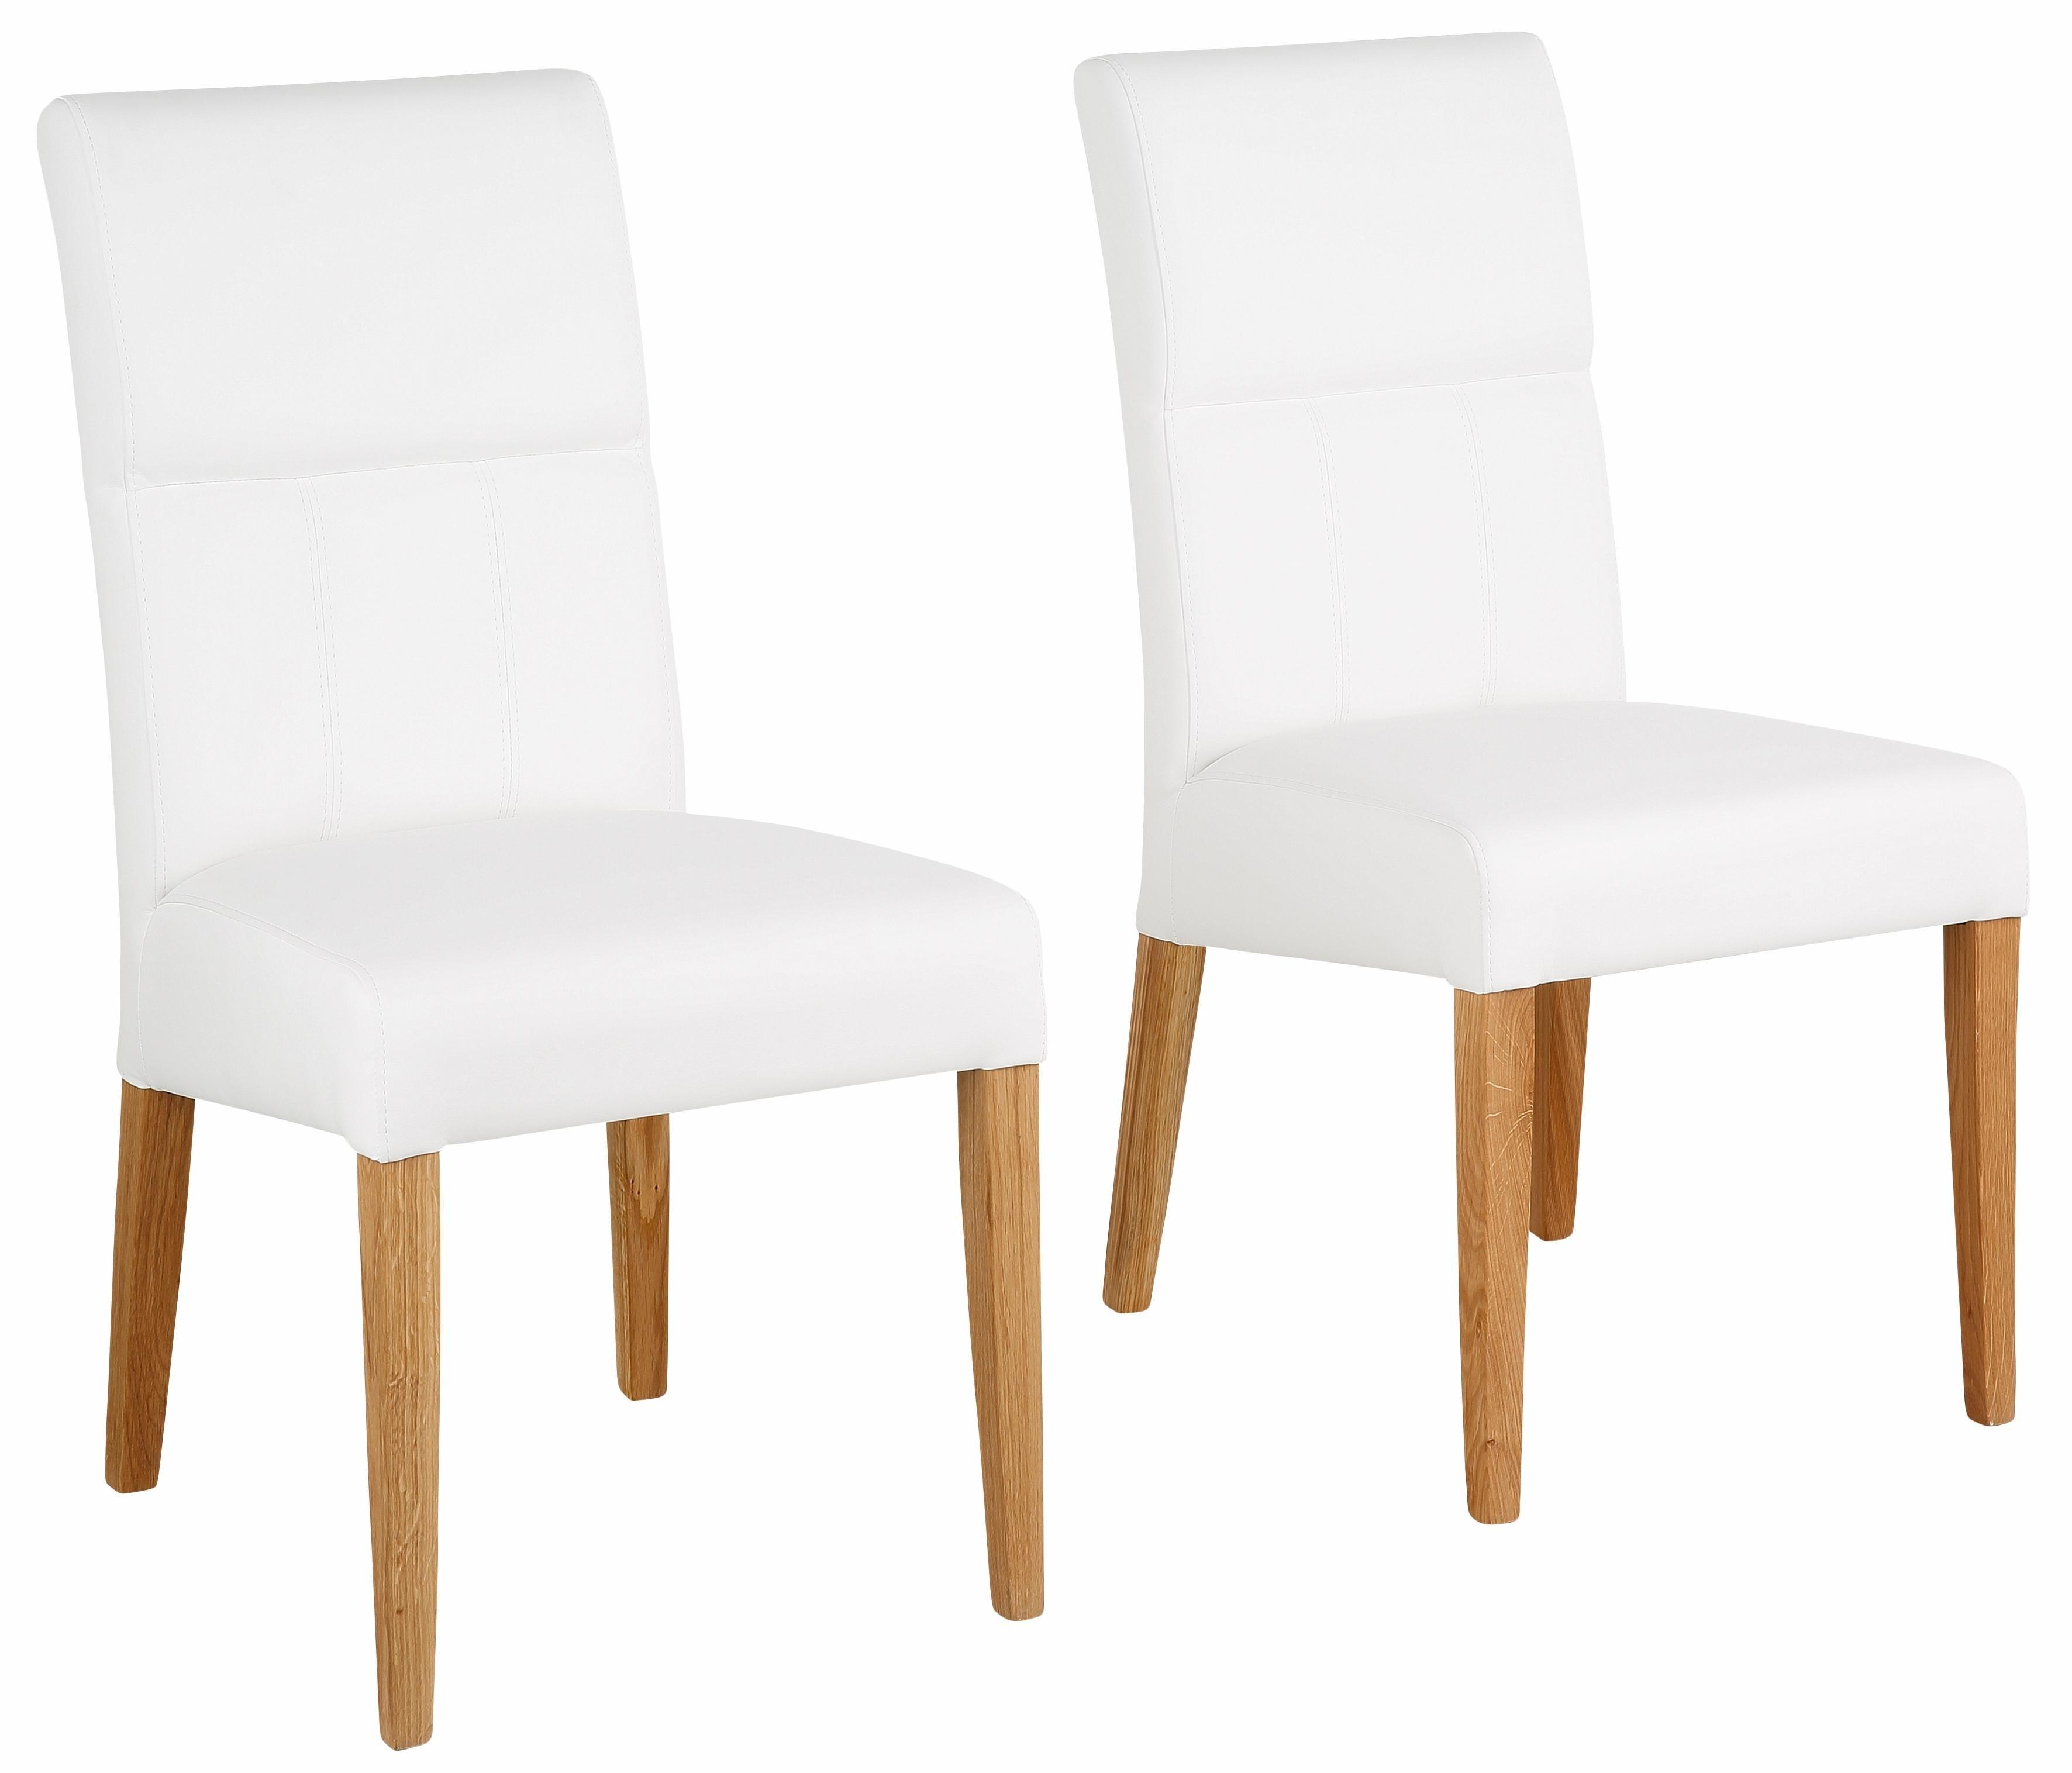 Home Affaire stoelen 'Freda', naar keuze met imitatieleer of echt leer overtrokken online kopen op otto.nl